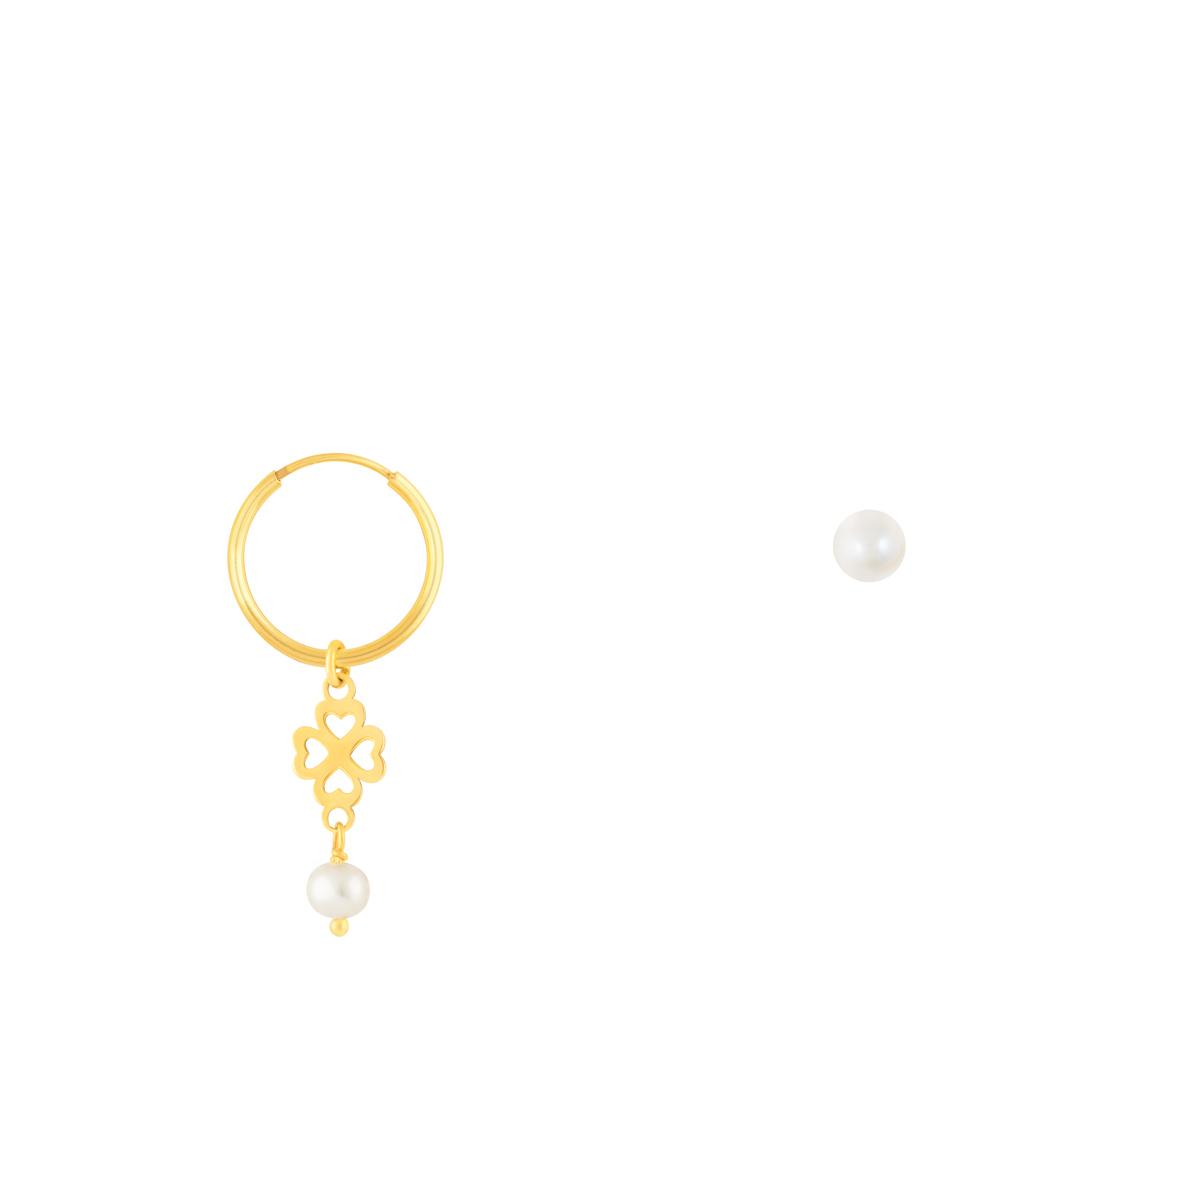 گوشواره طلا شبدر و مروارید